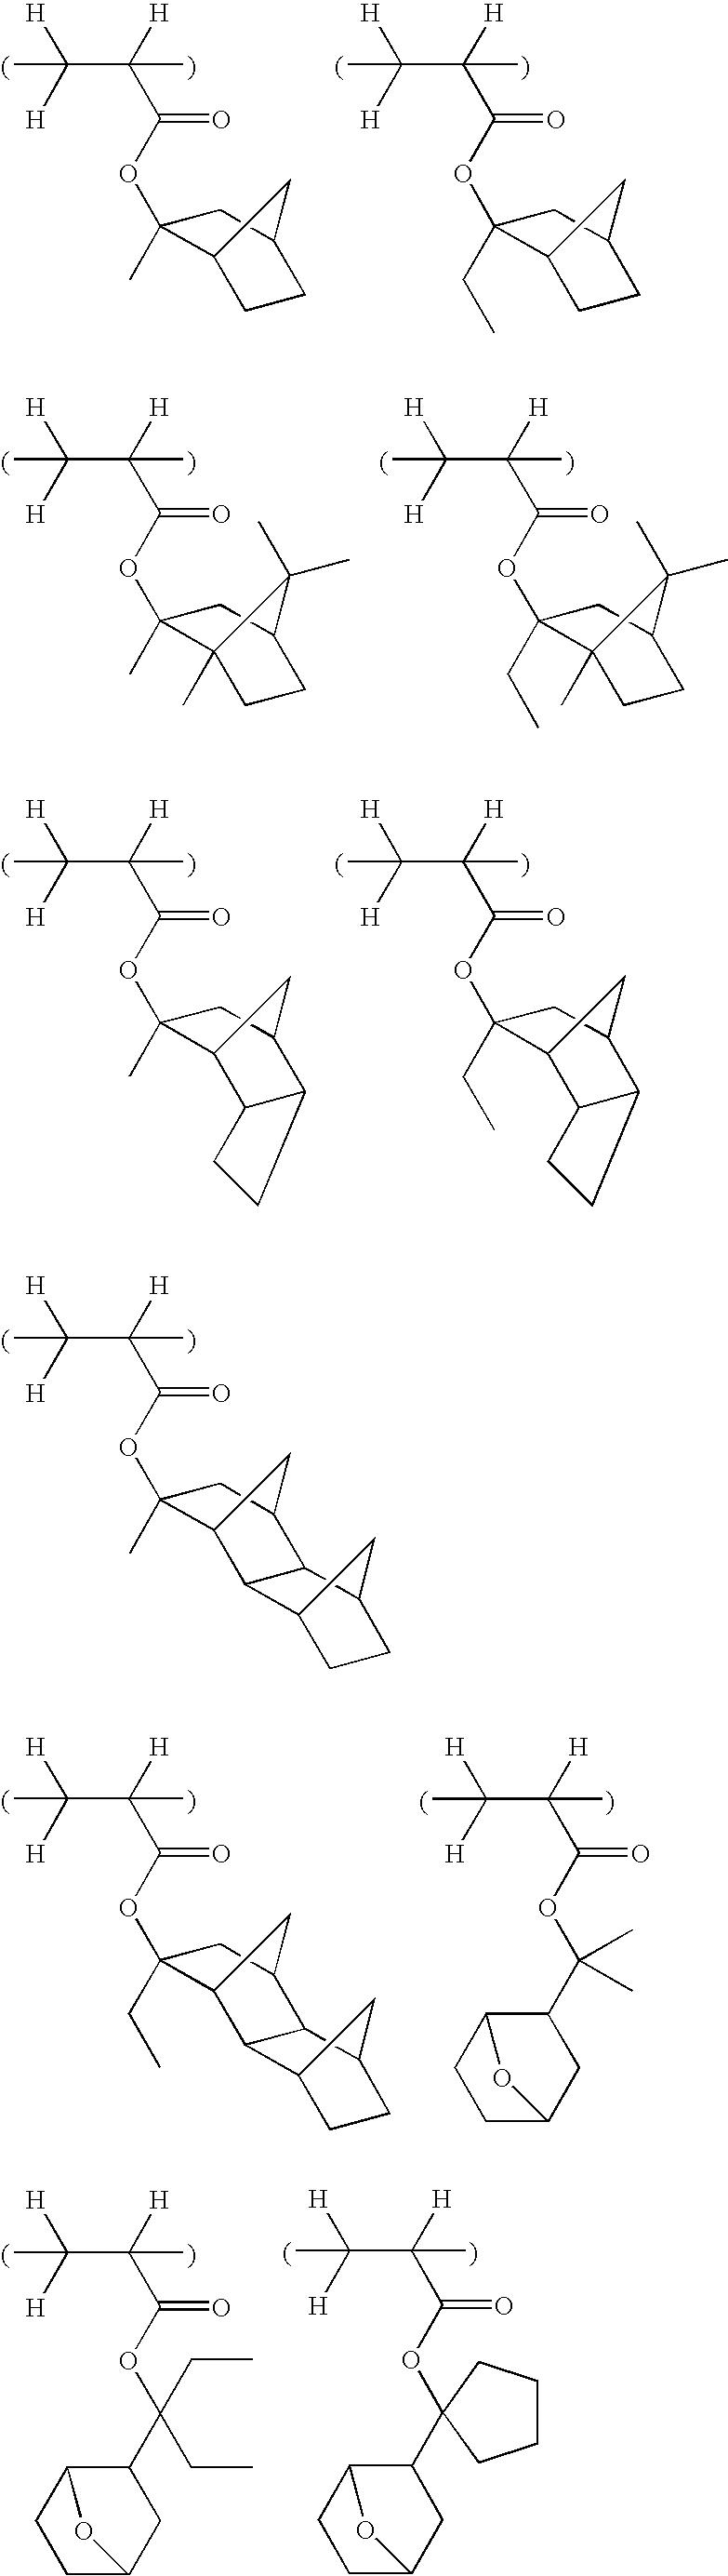 Figure US20080026331A1-20080131-C00045